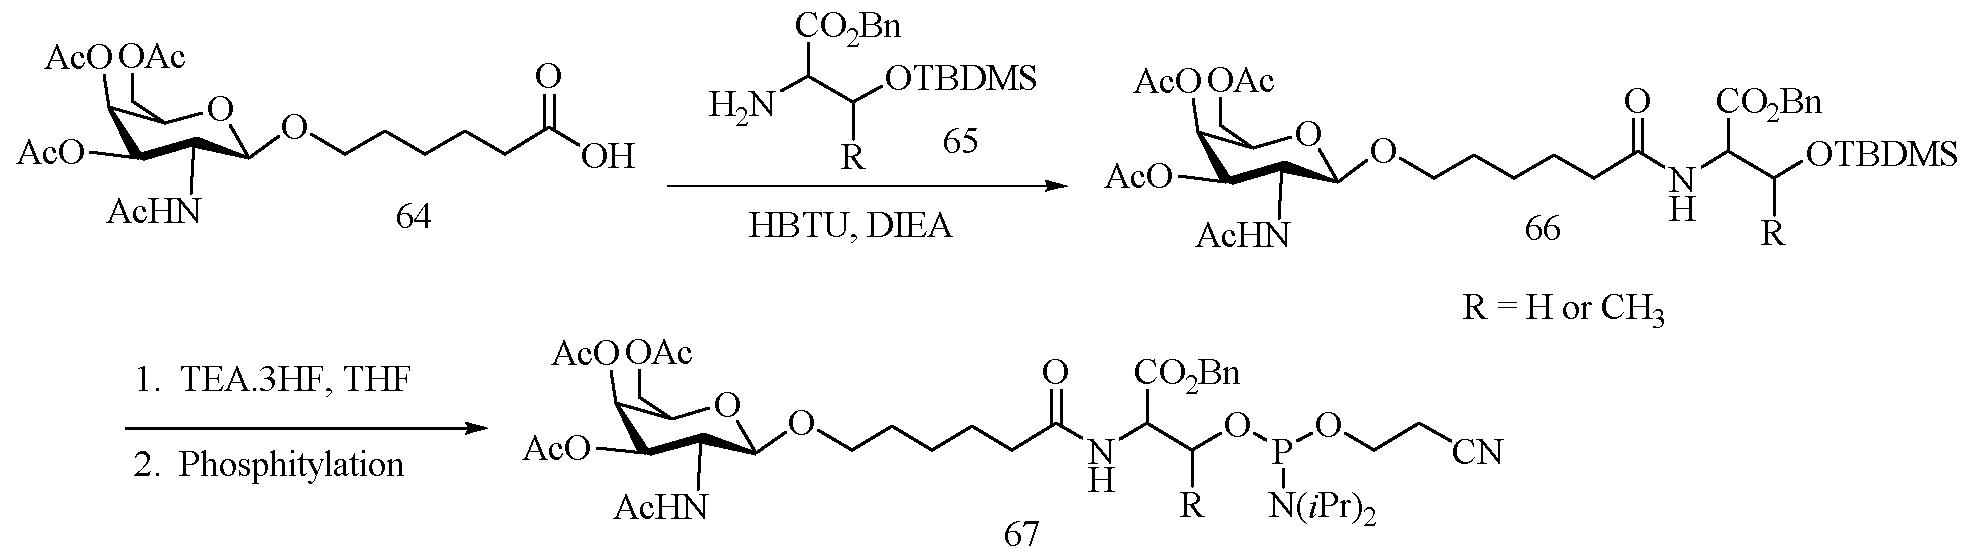 Figure imgf000193_0003